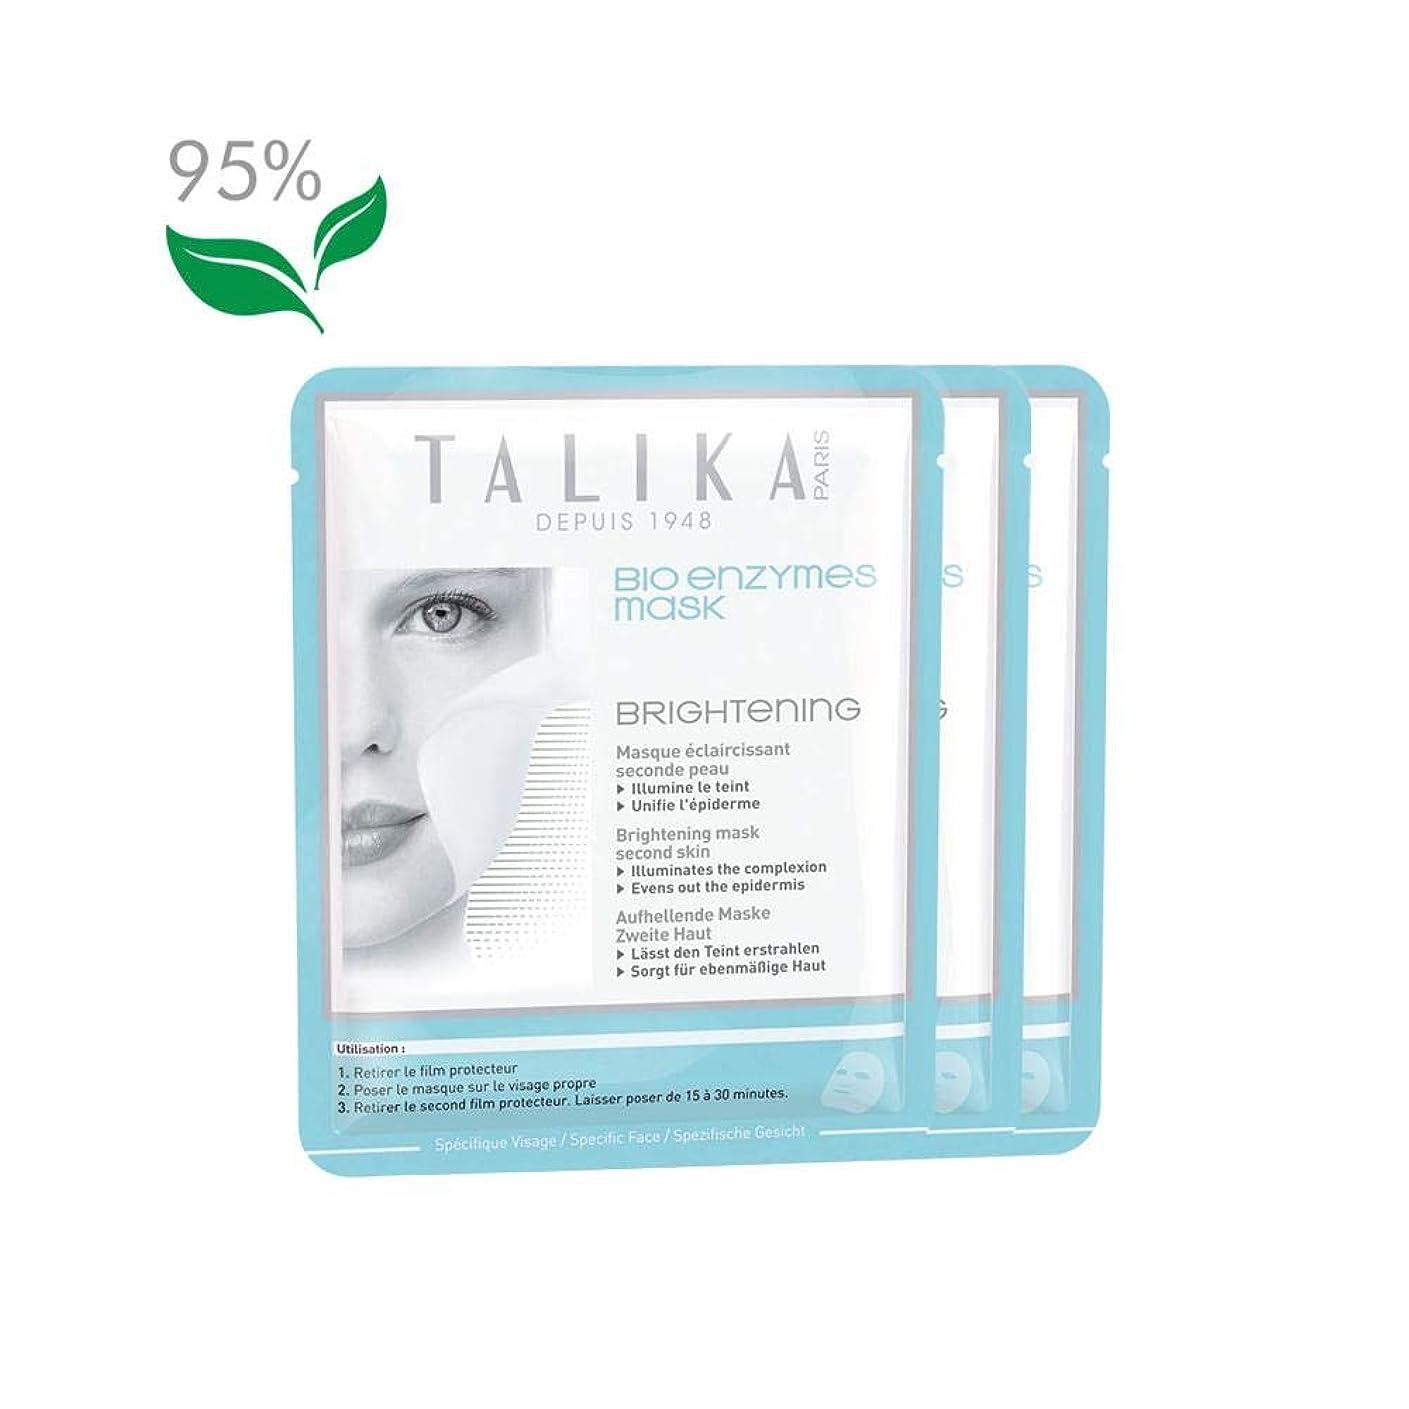 はぁパキスタン克服するTALIKA ブライトニング フェイスマスク